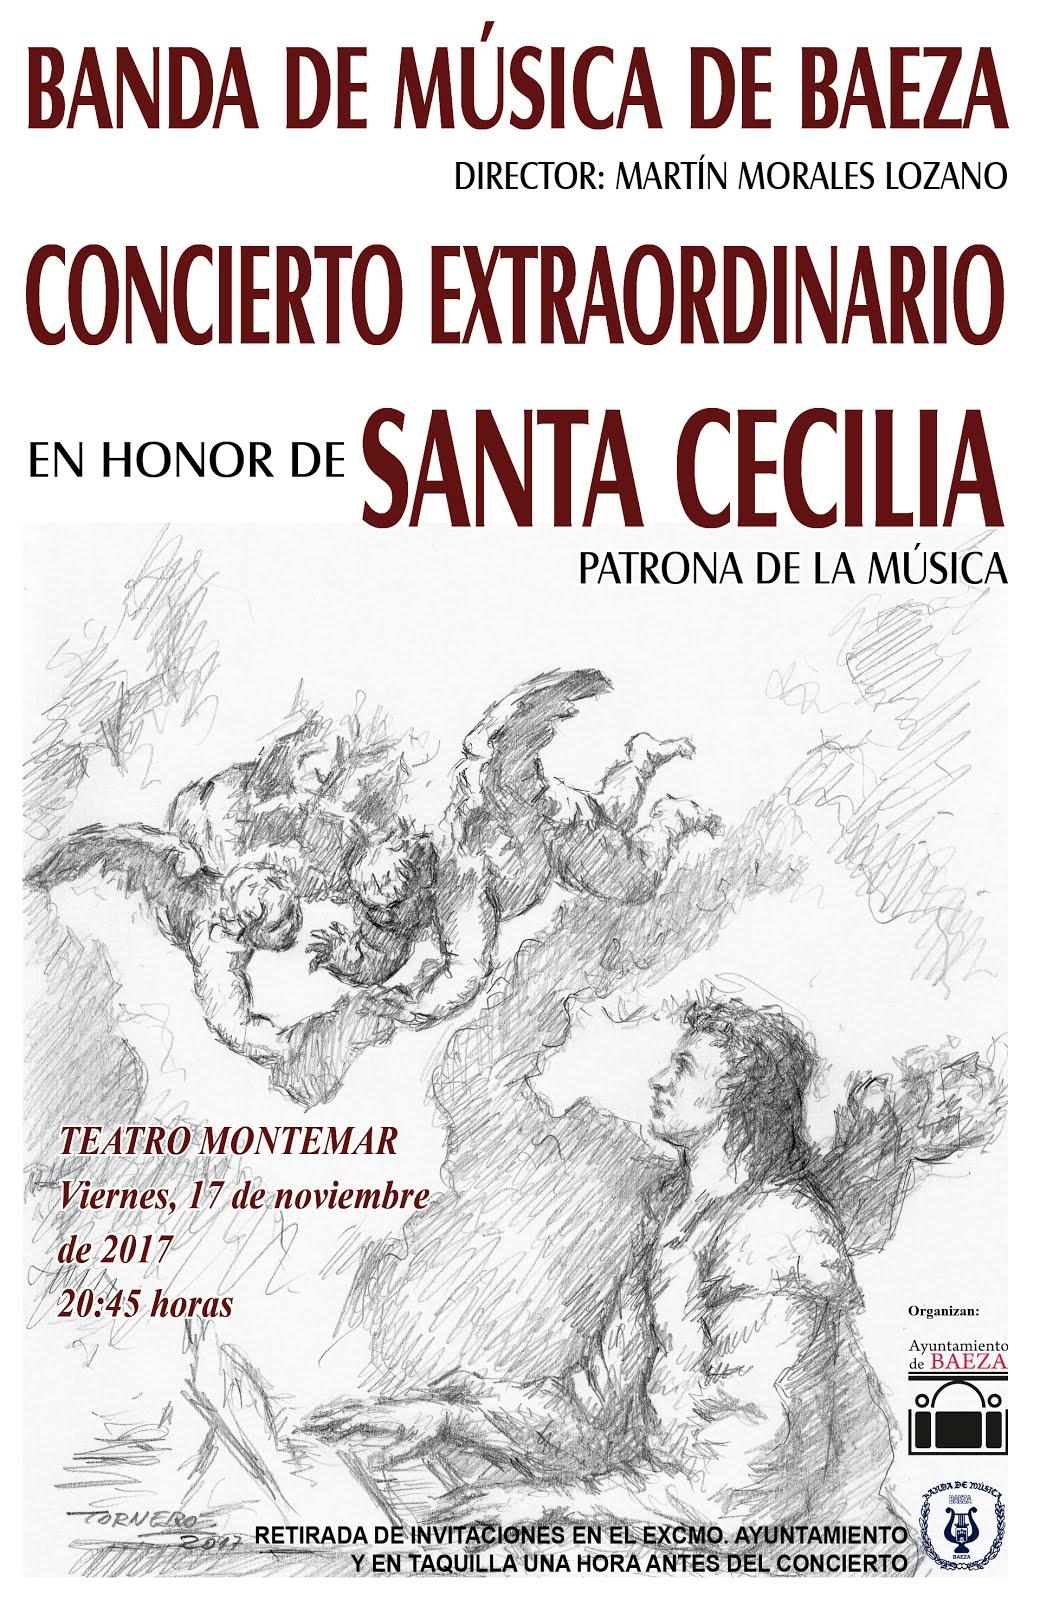 CONCIERTO EN HONOR DE SANTA CECILIA 2017 (Patrona de la Música)